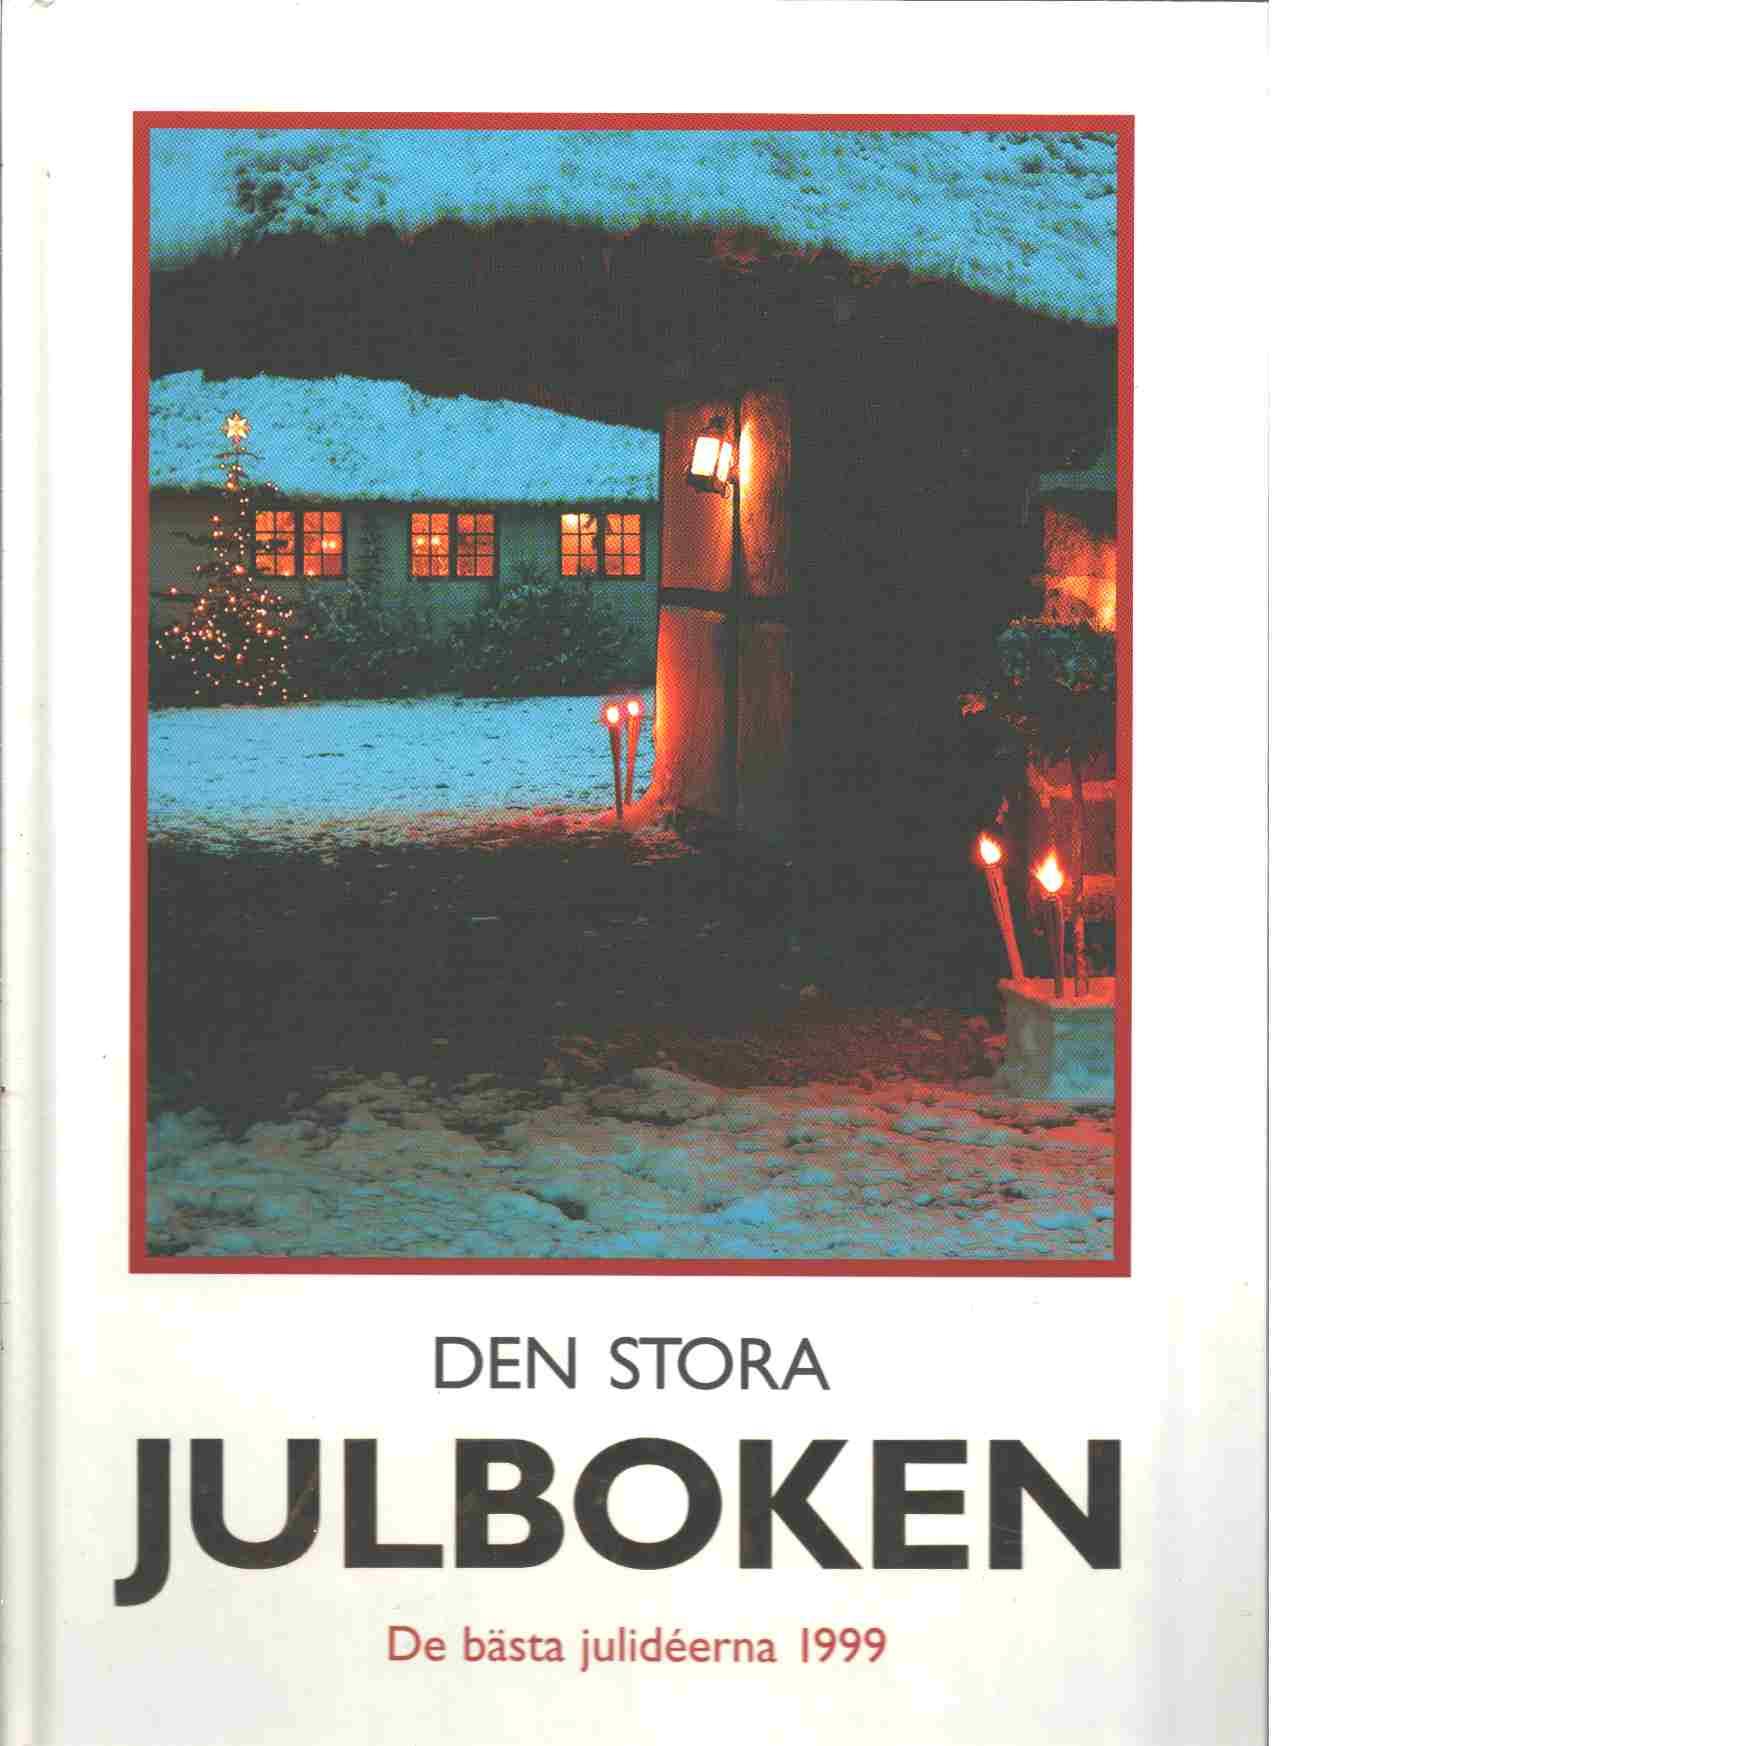 Den stora julboken - De bästa julideerna 1999 - Red.